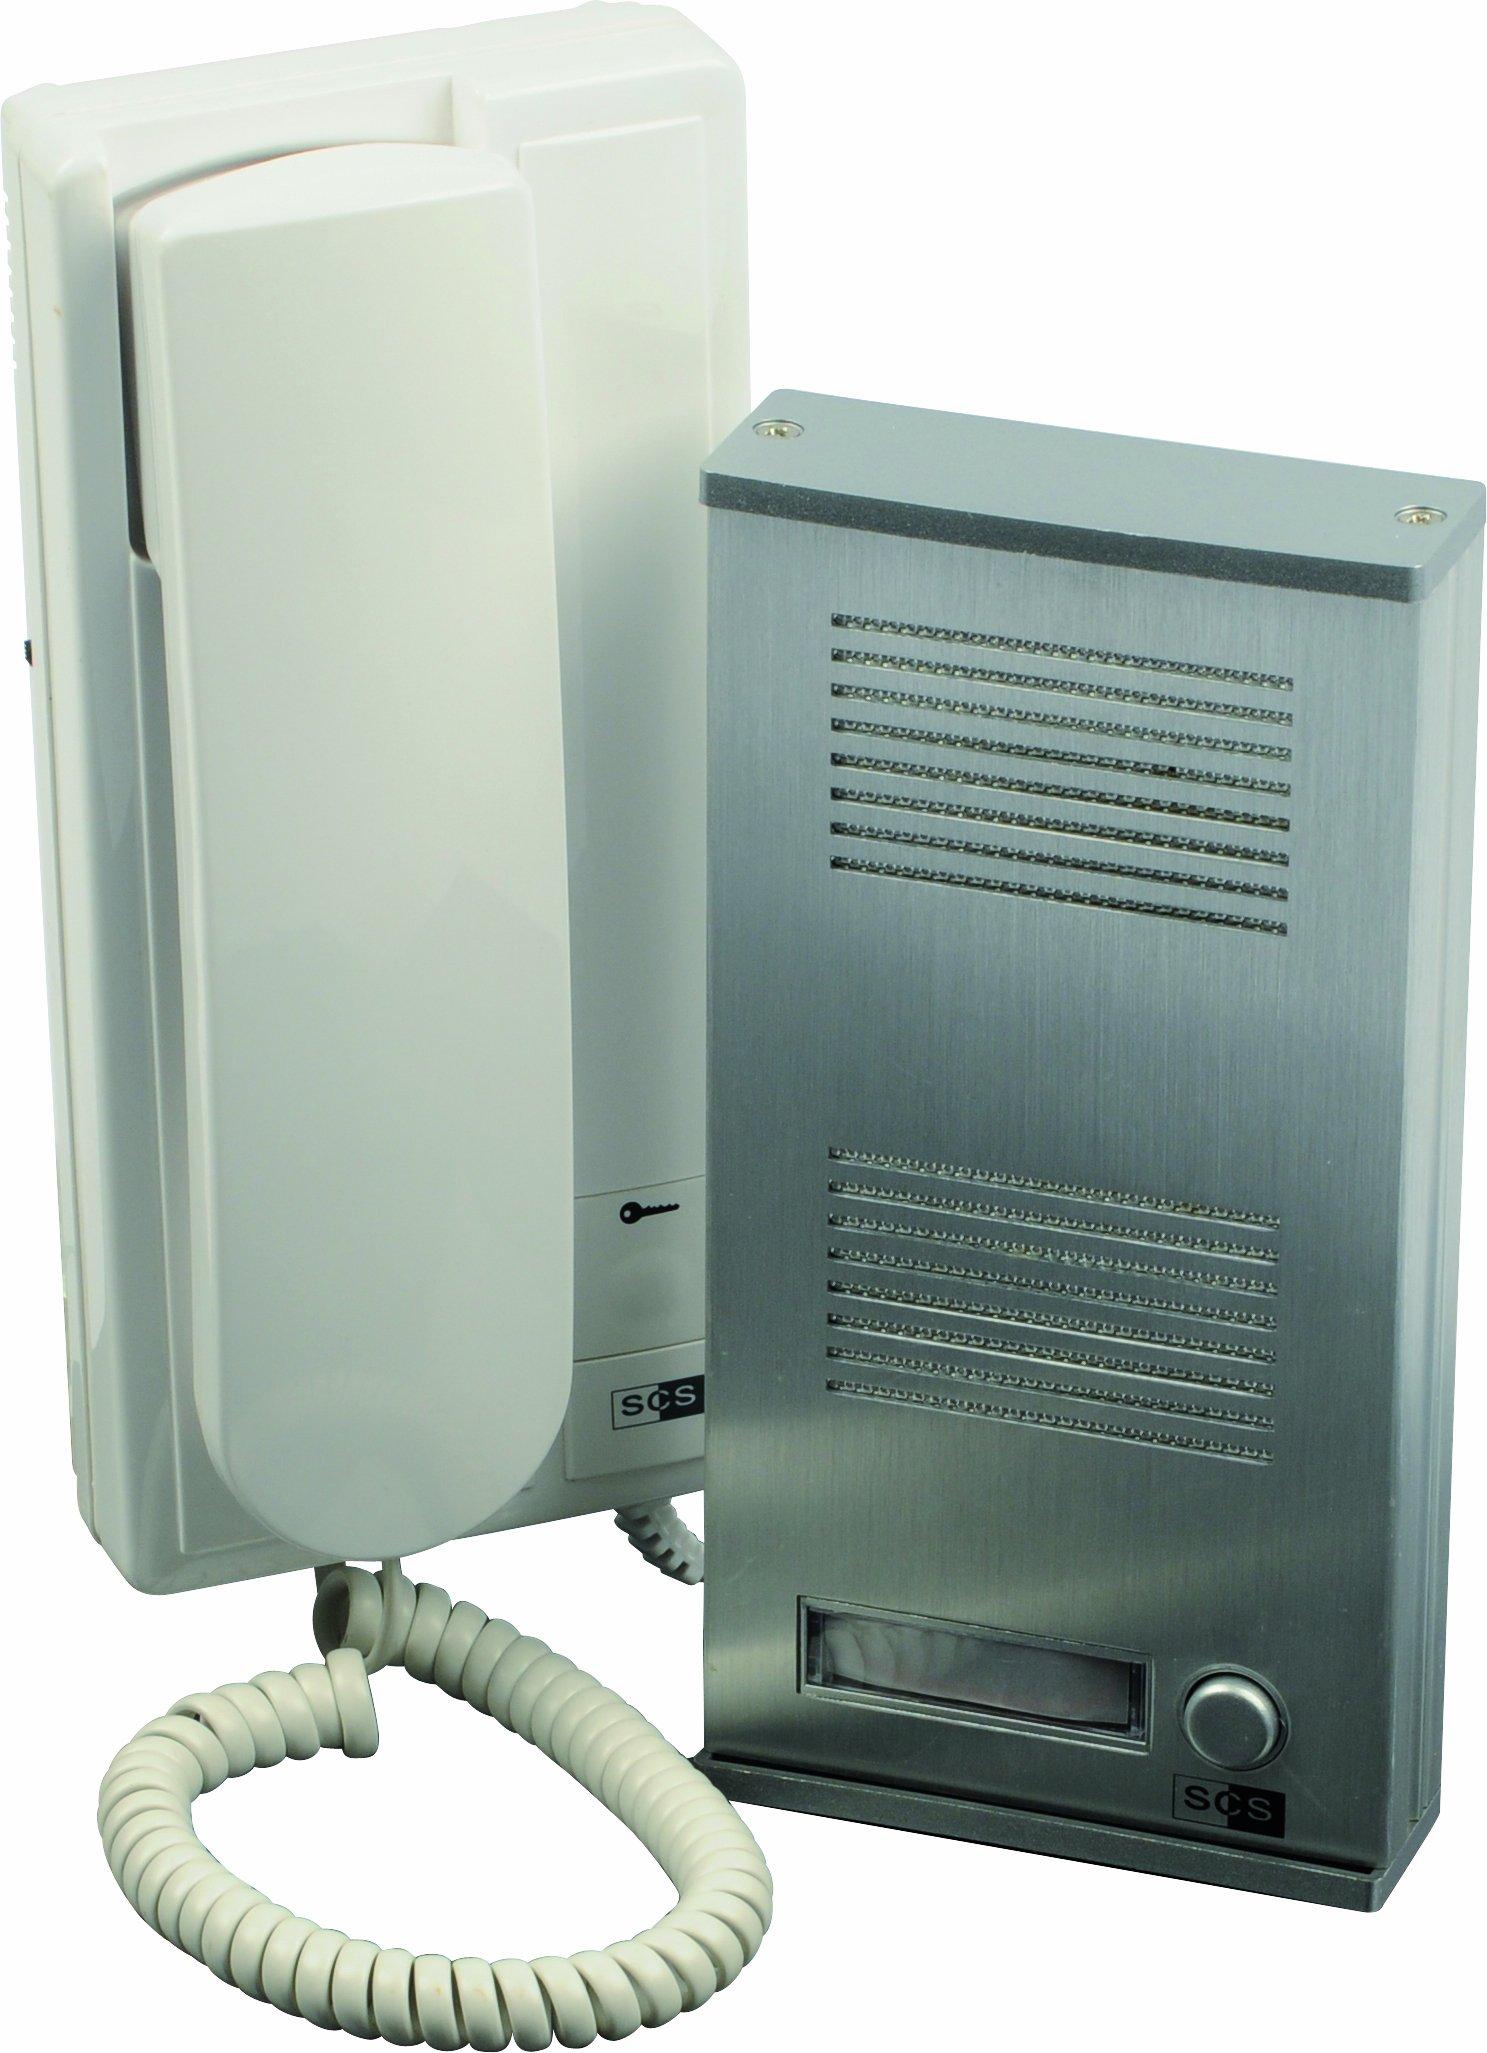 SCS SEN4137398 Kit portier audio façade métallique Pose en applique 2 Fils intégral product image